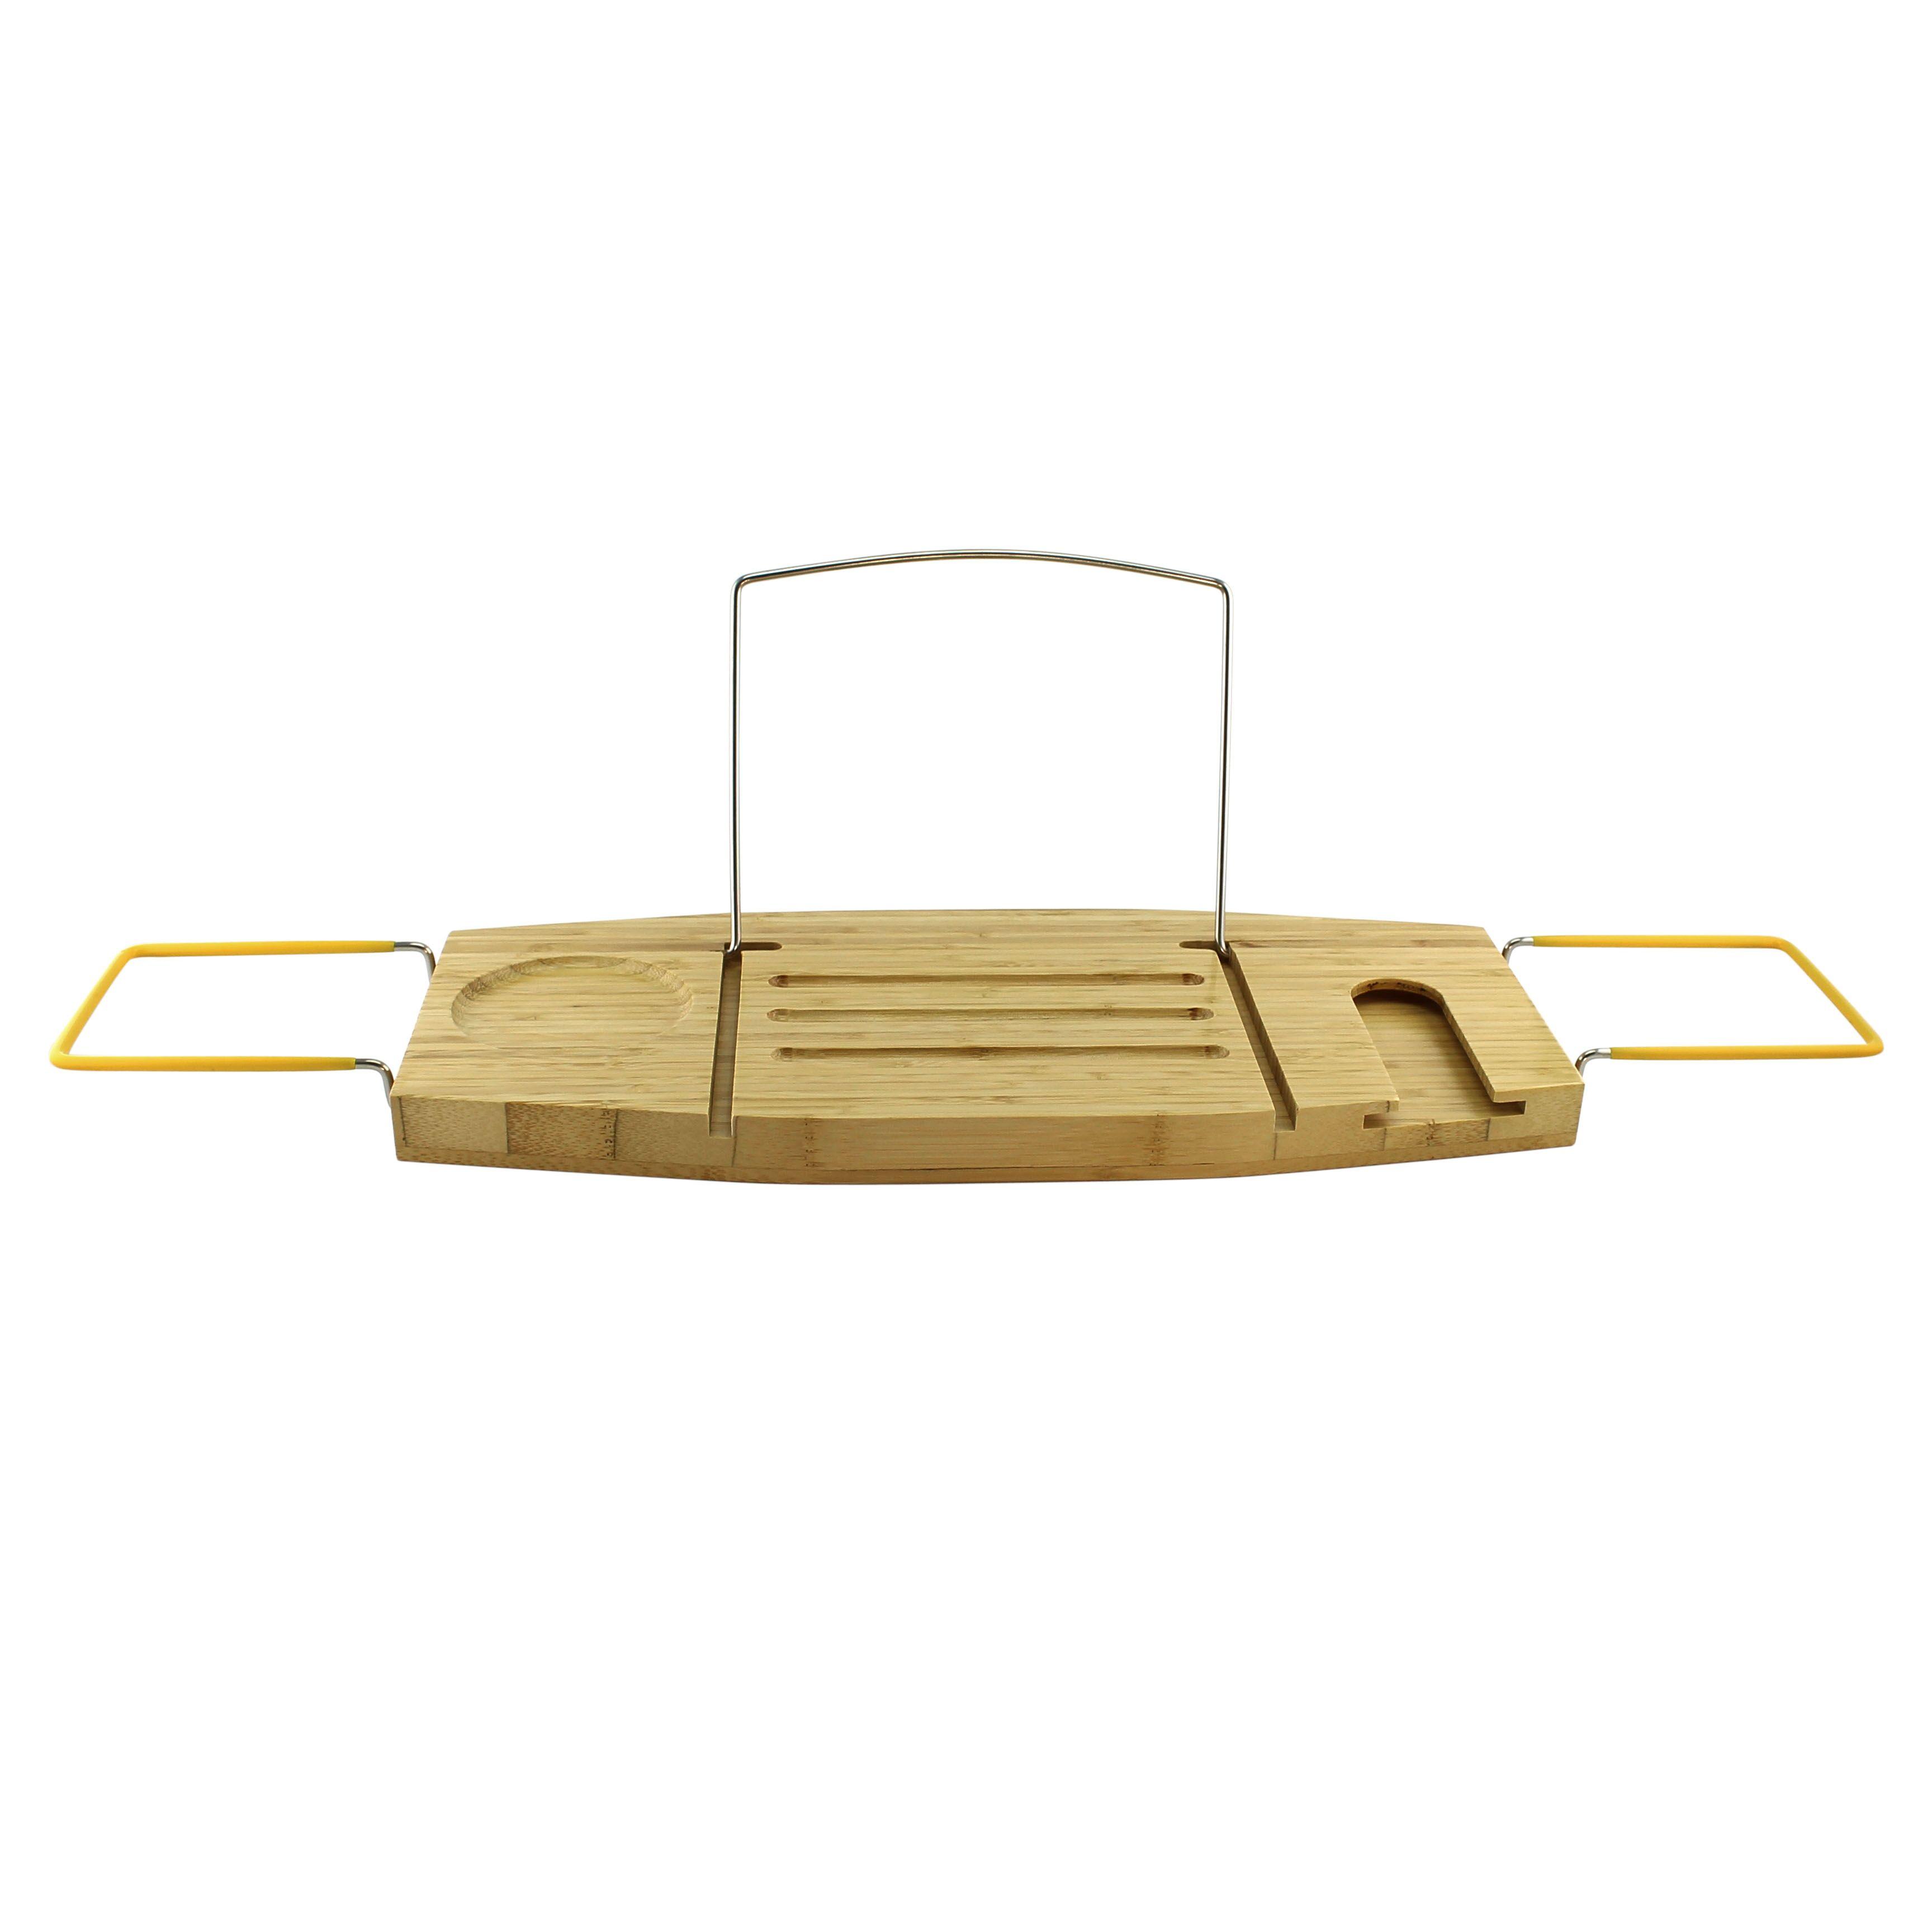 Homex Bamboo Bathtub Caddy | HOMEX